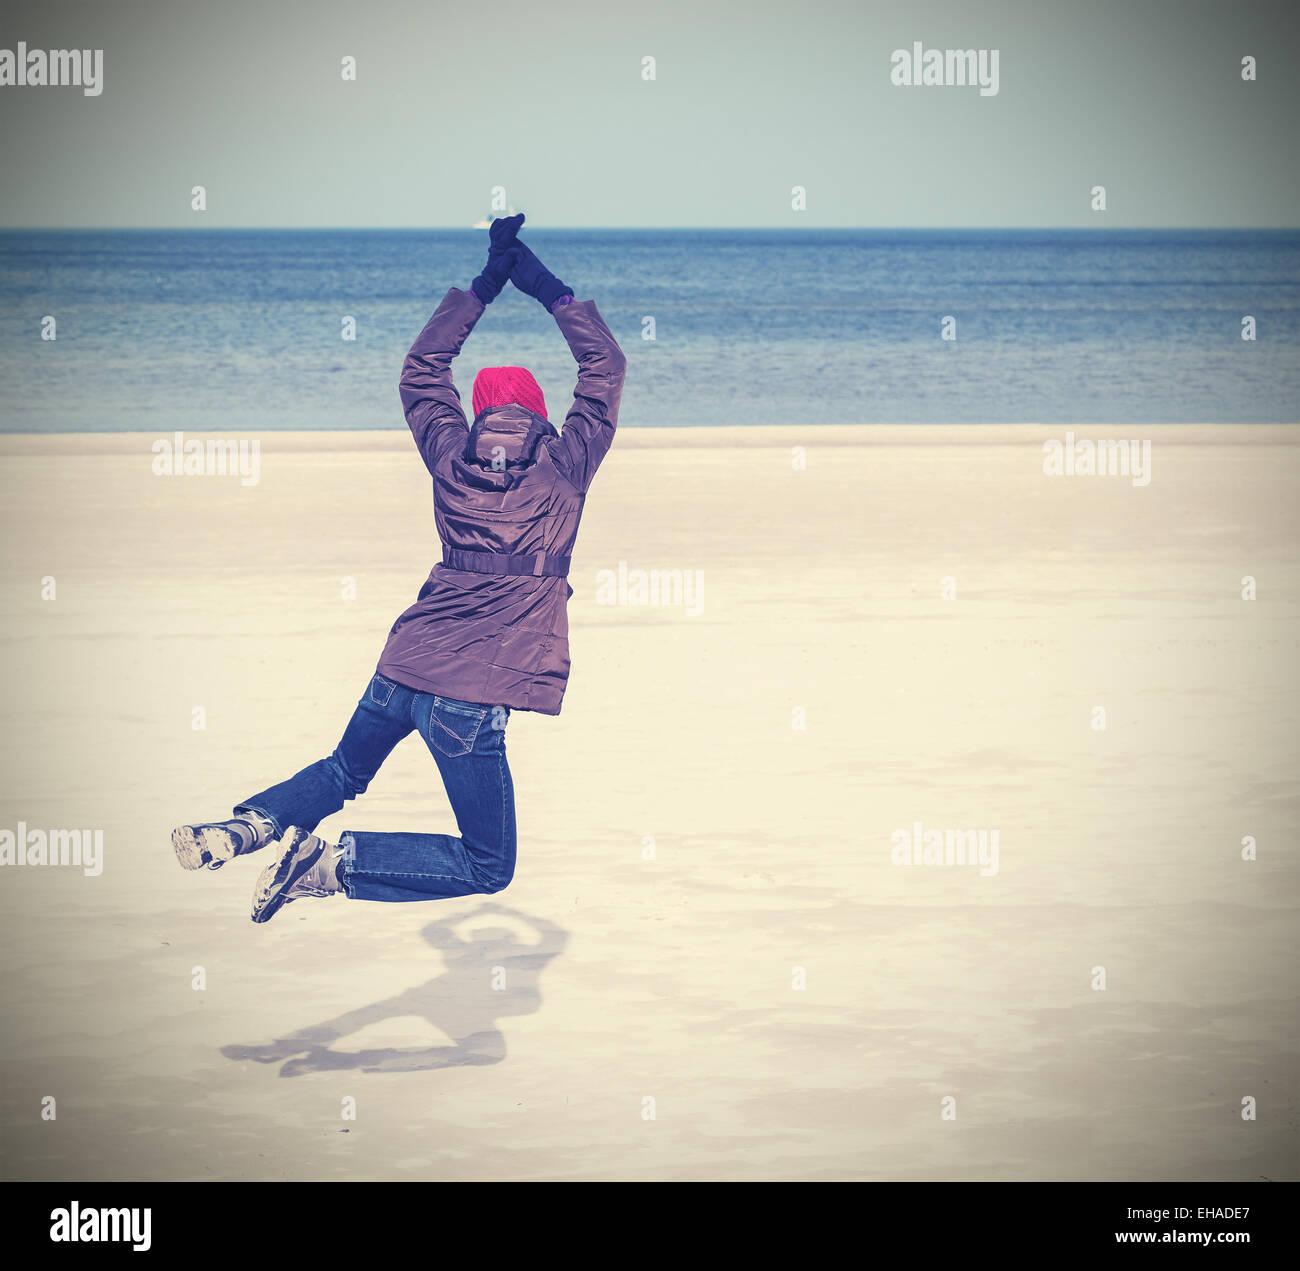 Retrò foto filtrata della donna che si tuffa sulla spiaggia, inverno uno stile di vita attivo concetto, spazio Immagini Stock